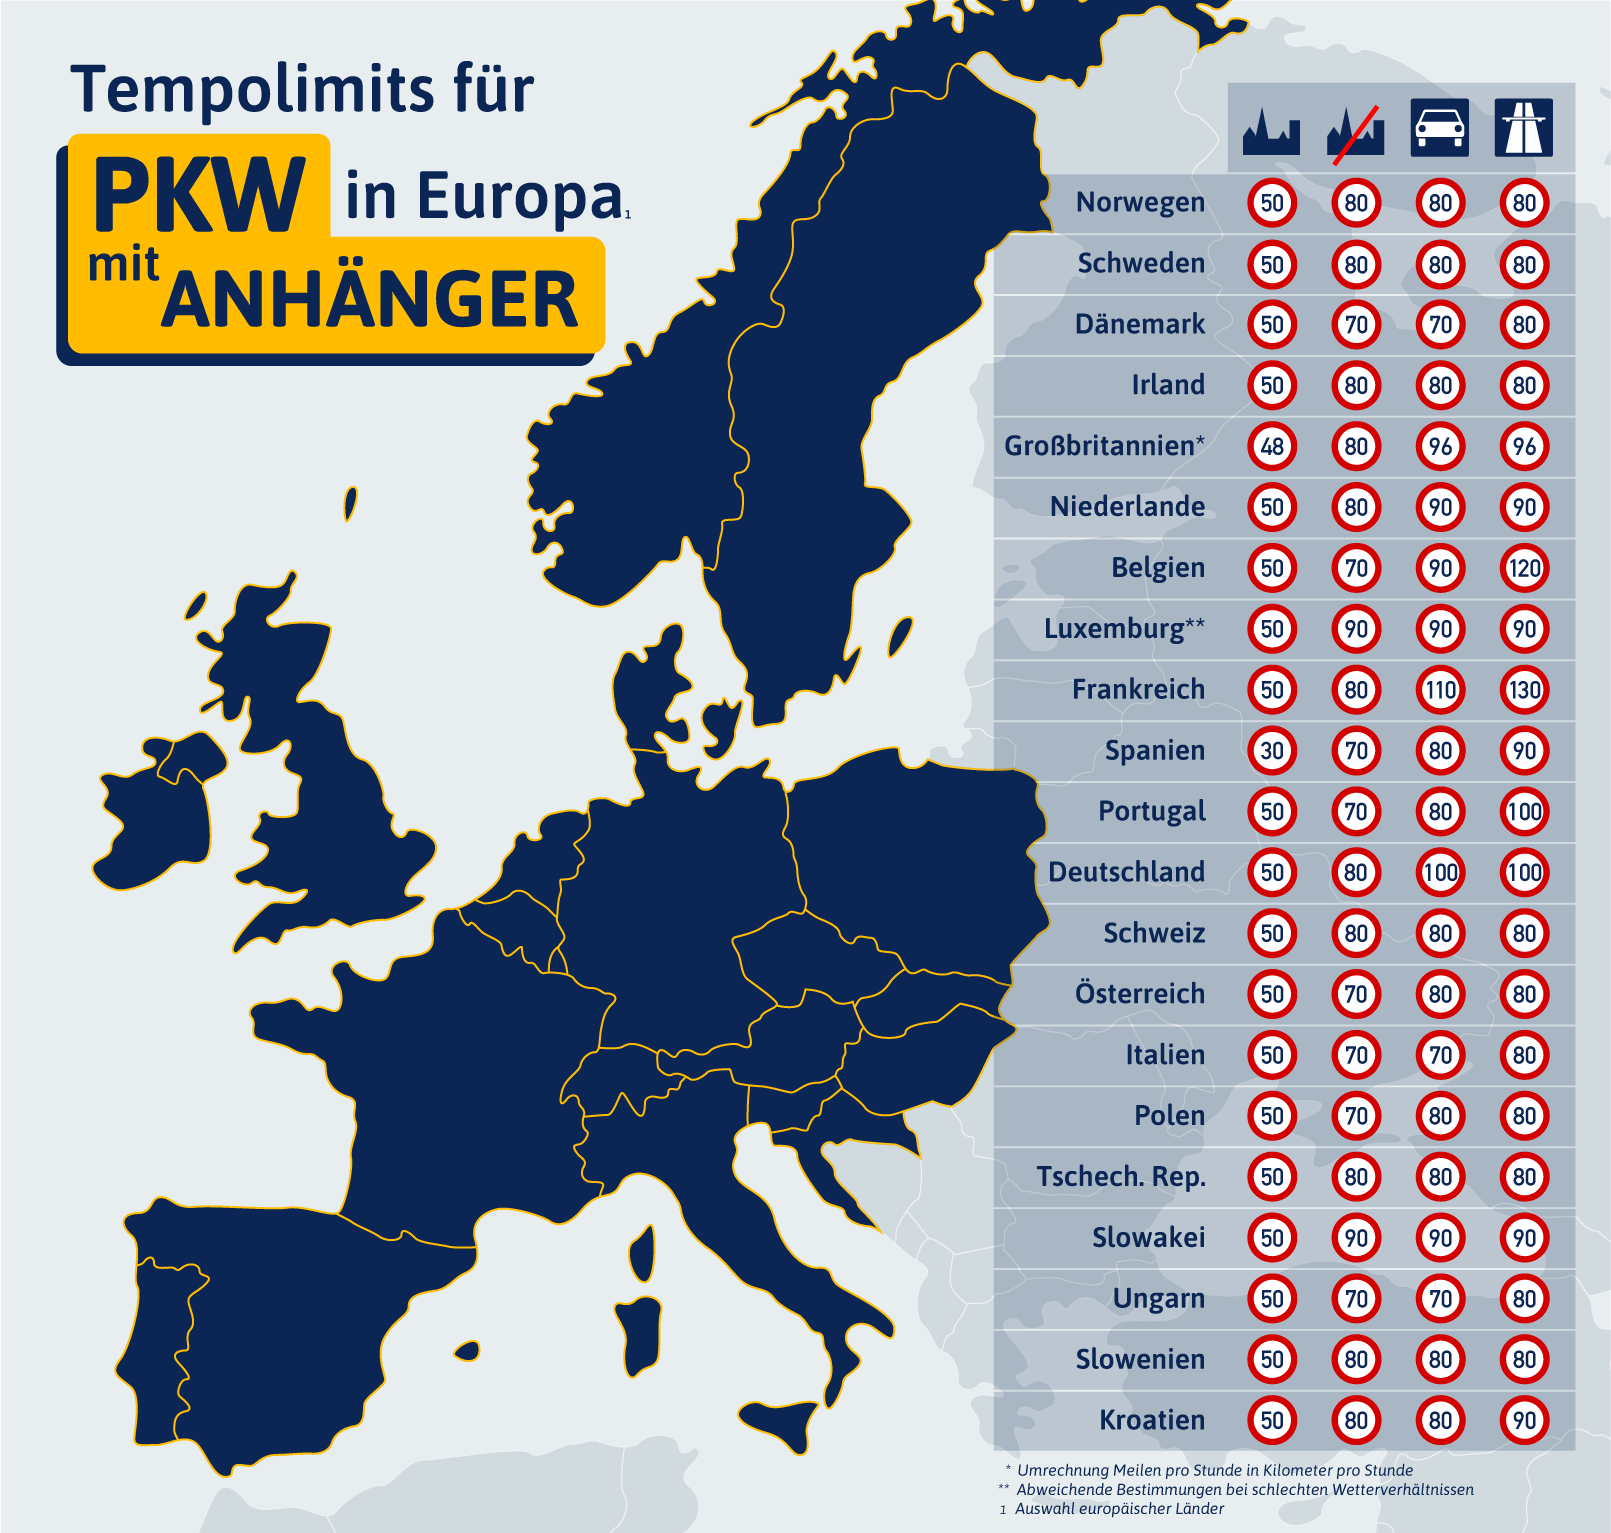 Übersicht zum Tempolimit für PKW mit Anhänger in Europa